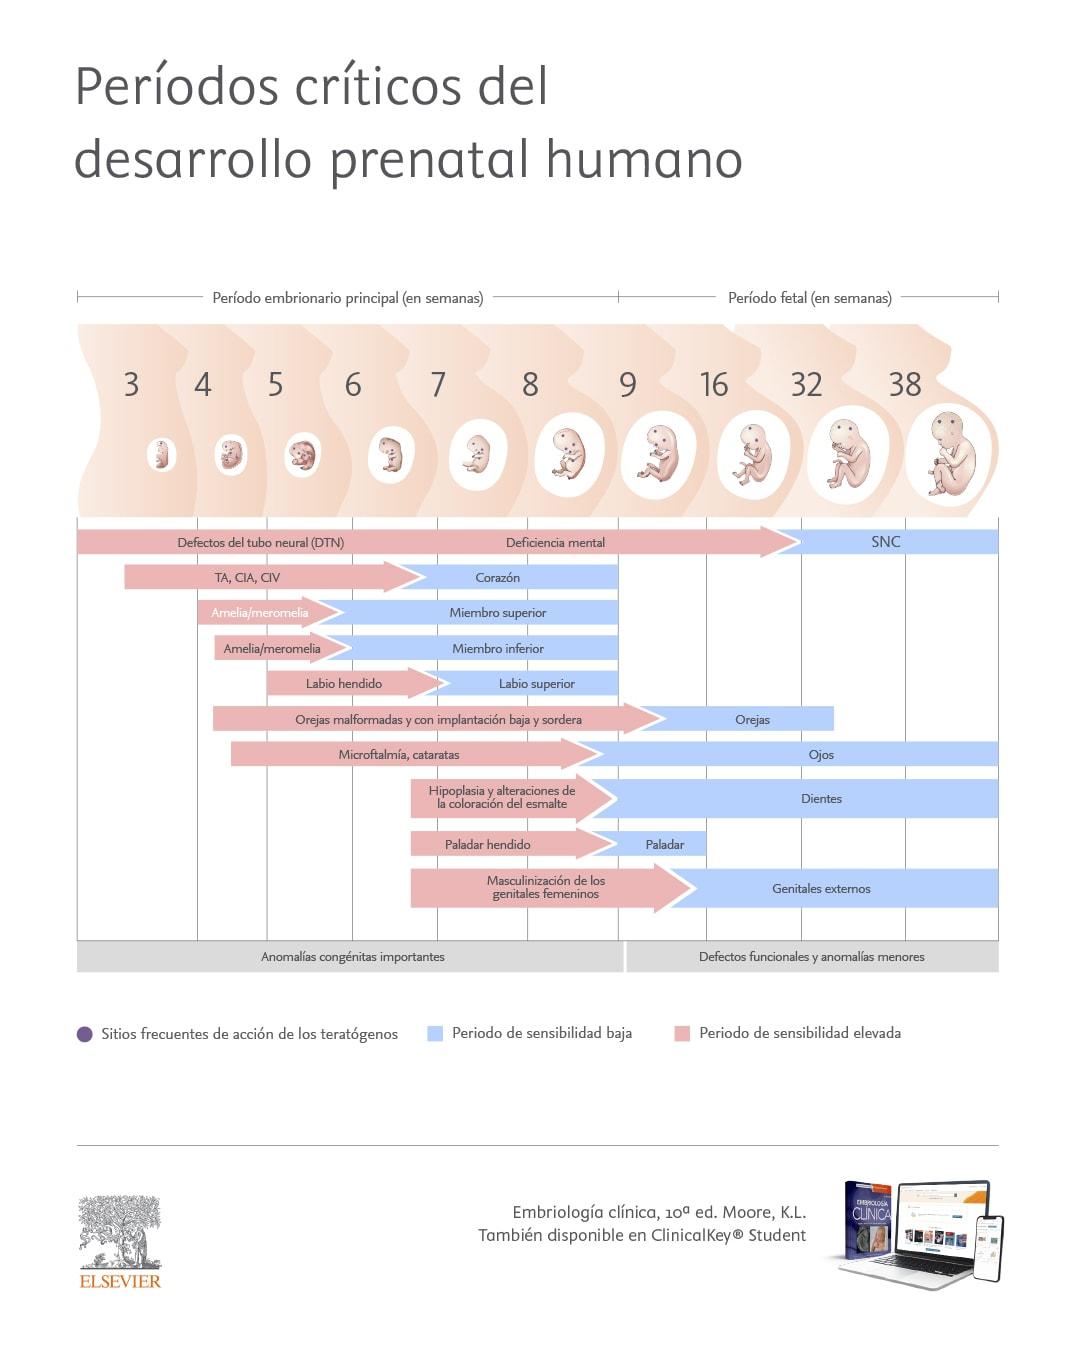 Infografia-PeriodosCriticosDesarrolloPrenatalHumano.jpg